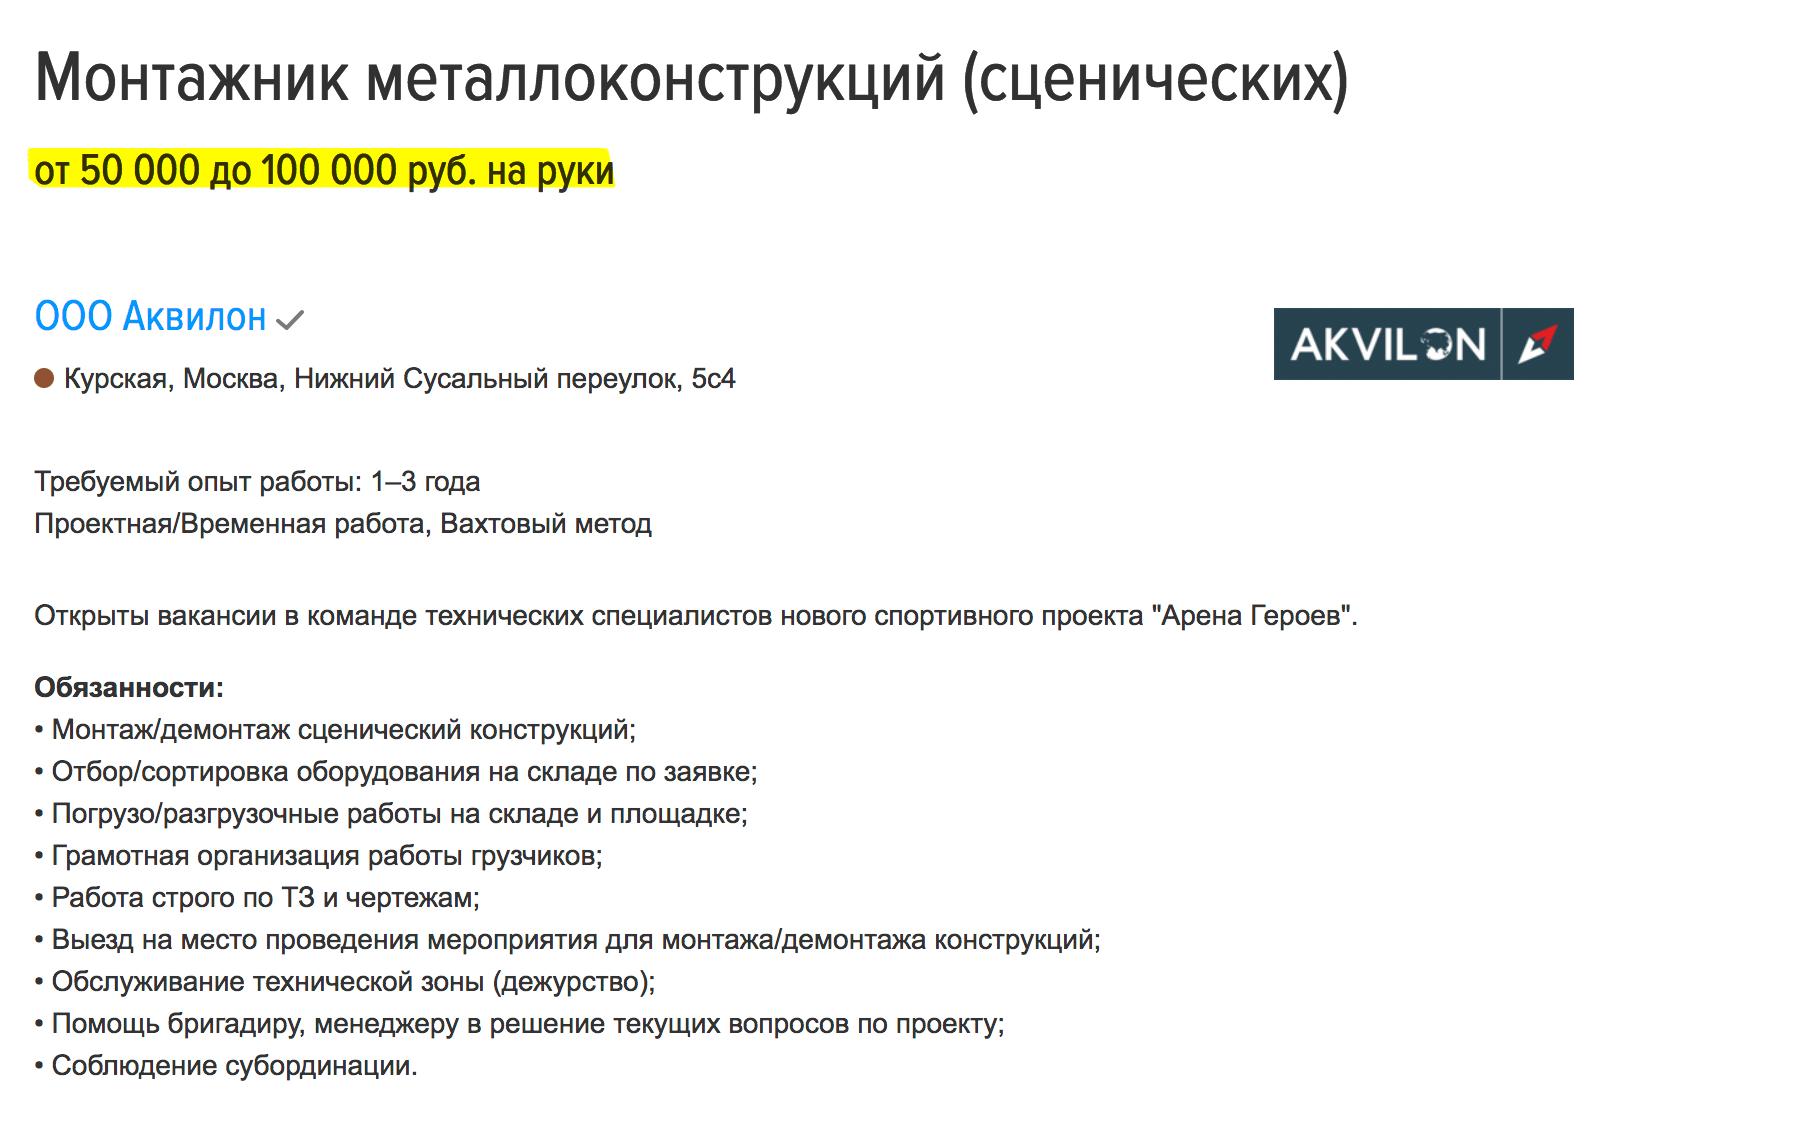 Московский клуб готов платить от 50 до 100 тысяч монтажникам сцены